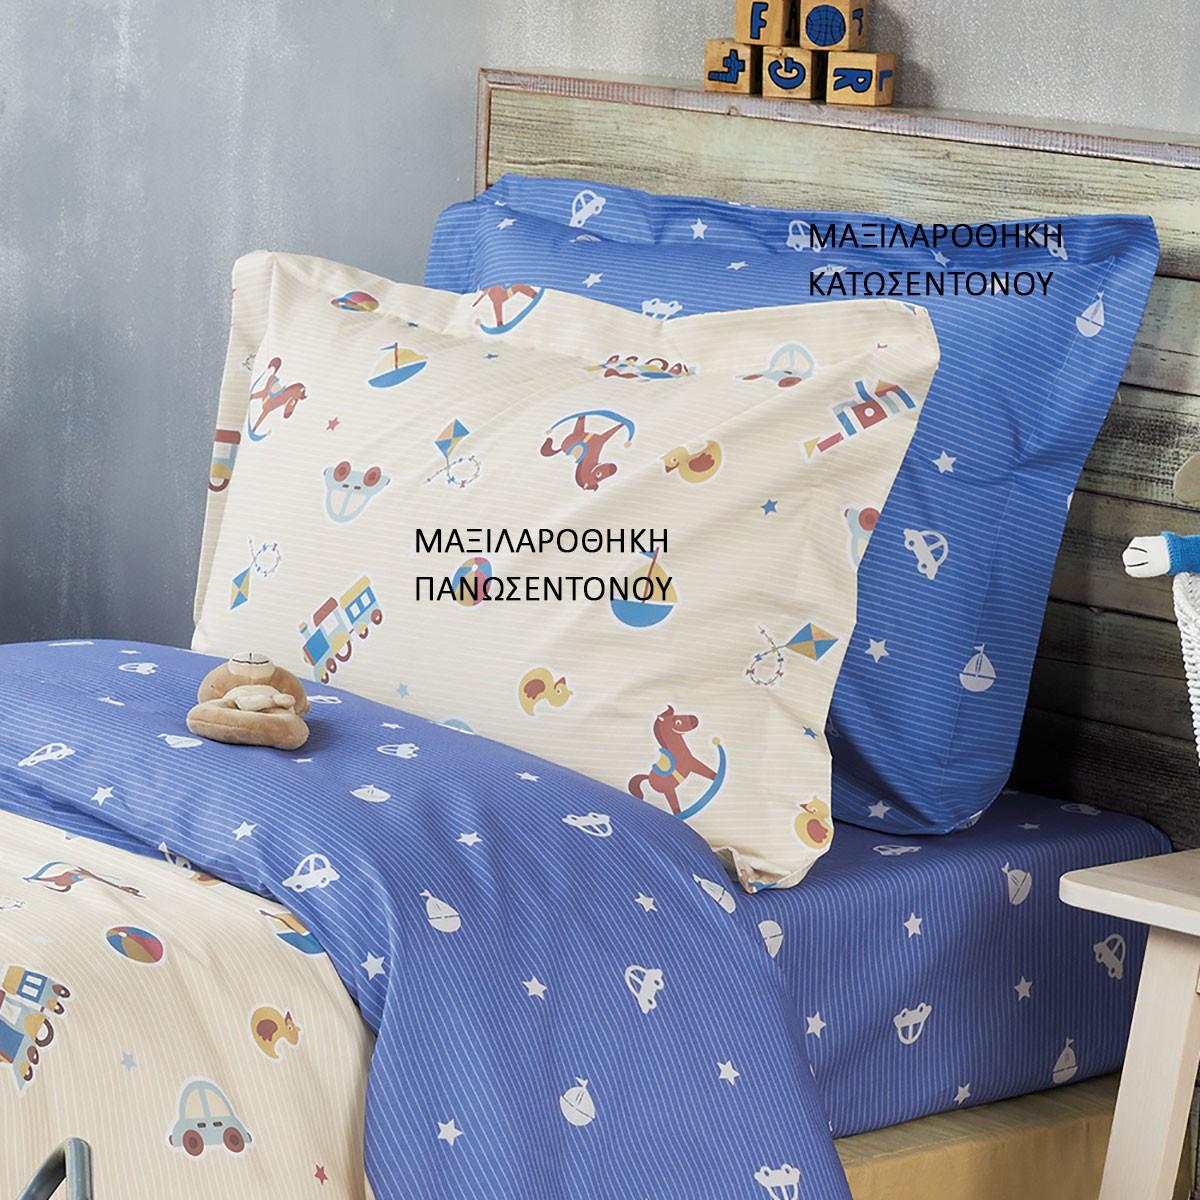 Μαξιλαροθήκη Kentia Kids Collection Play Μαξιλαροθήκη Κατωσέντονου Μαξιλαροθήκη Κατωσέντονου